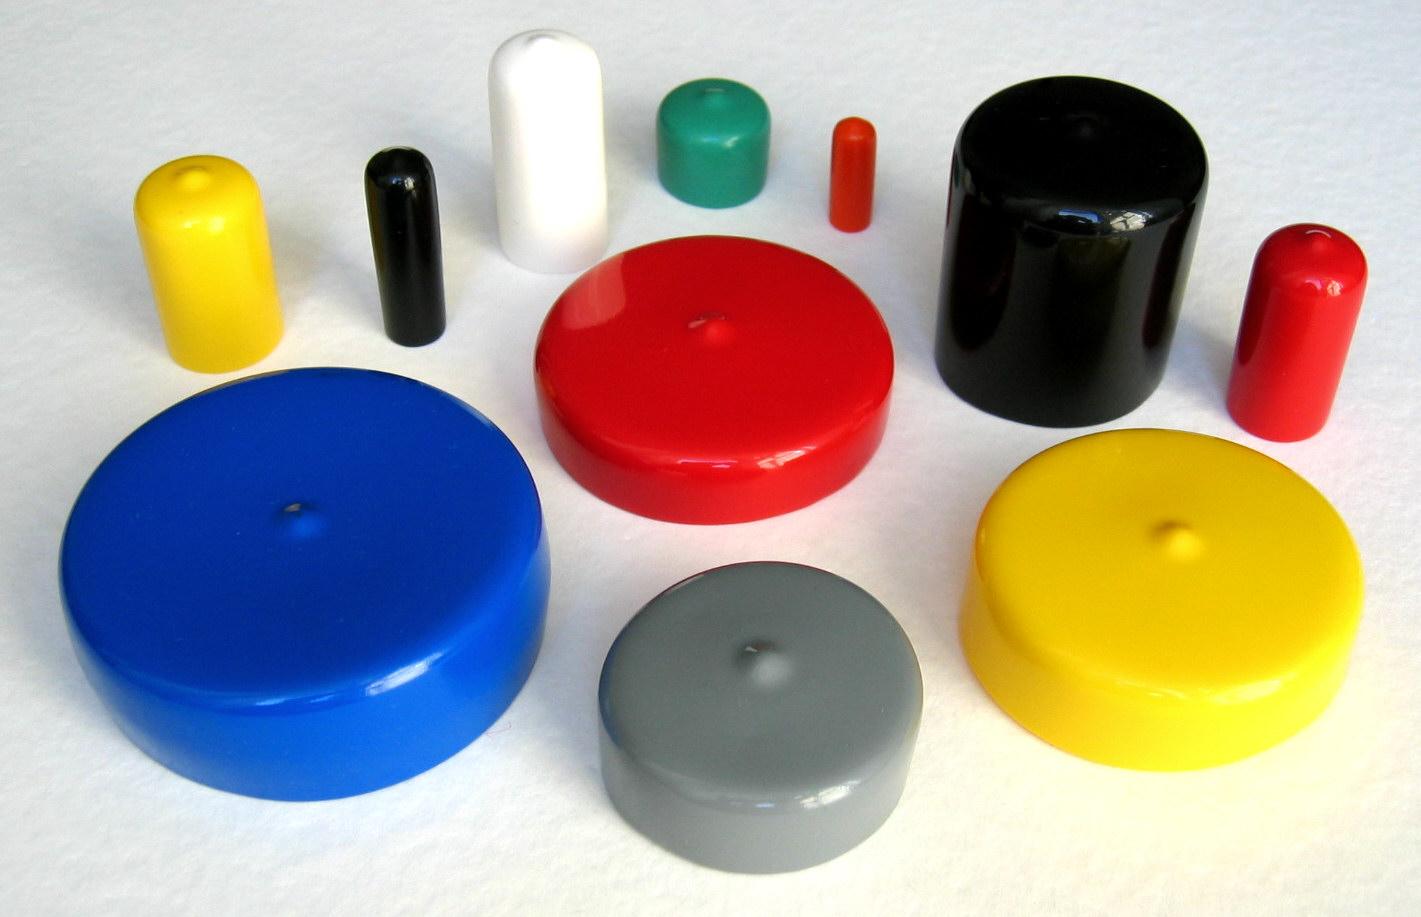 Ochranné plastové krytky a uzávěry, povrchová úprava plastů pro kovové díly, kvalitní materiály